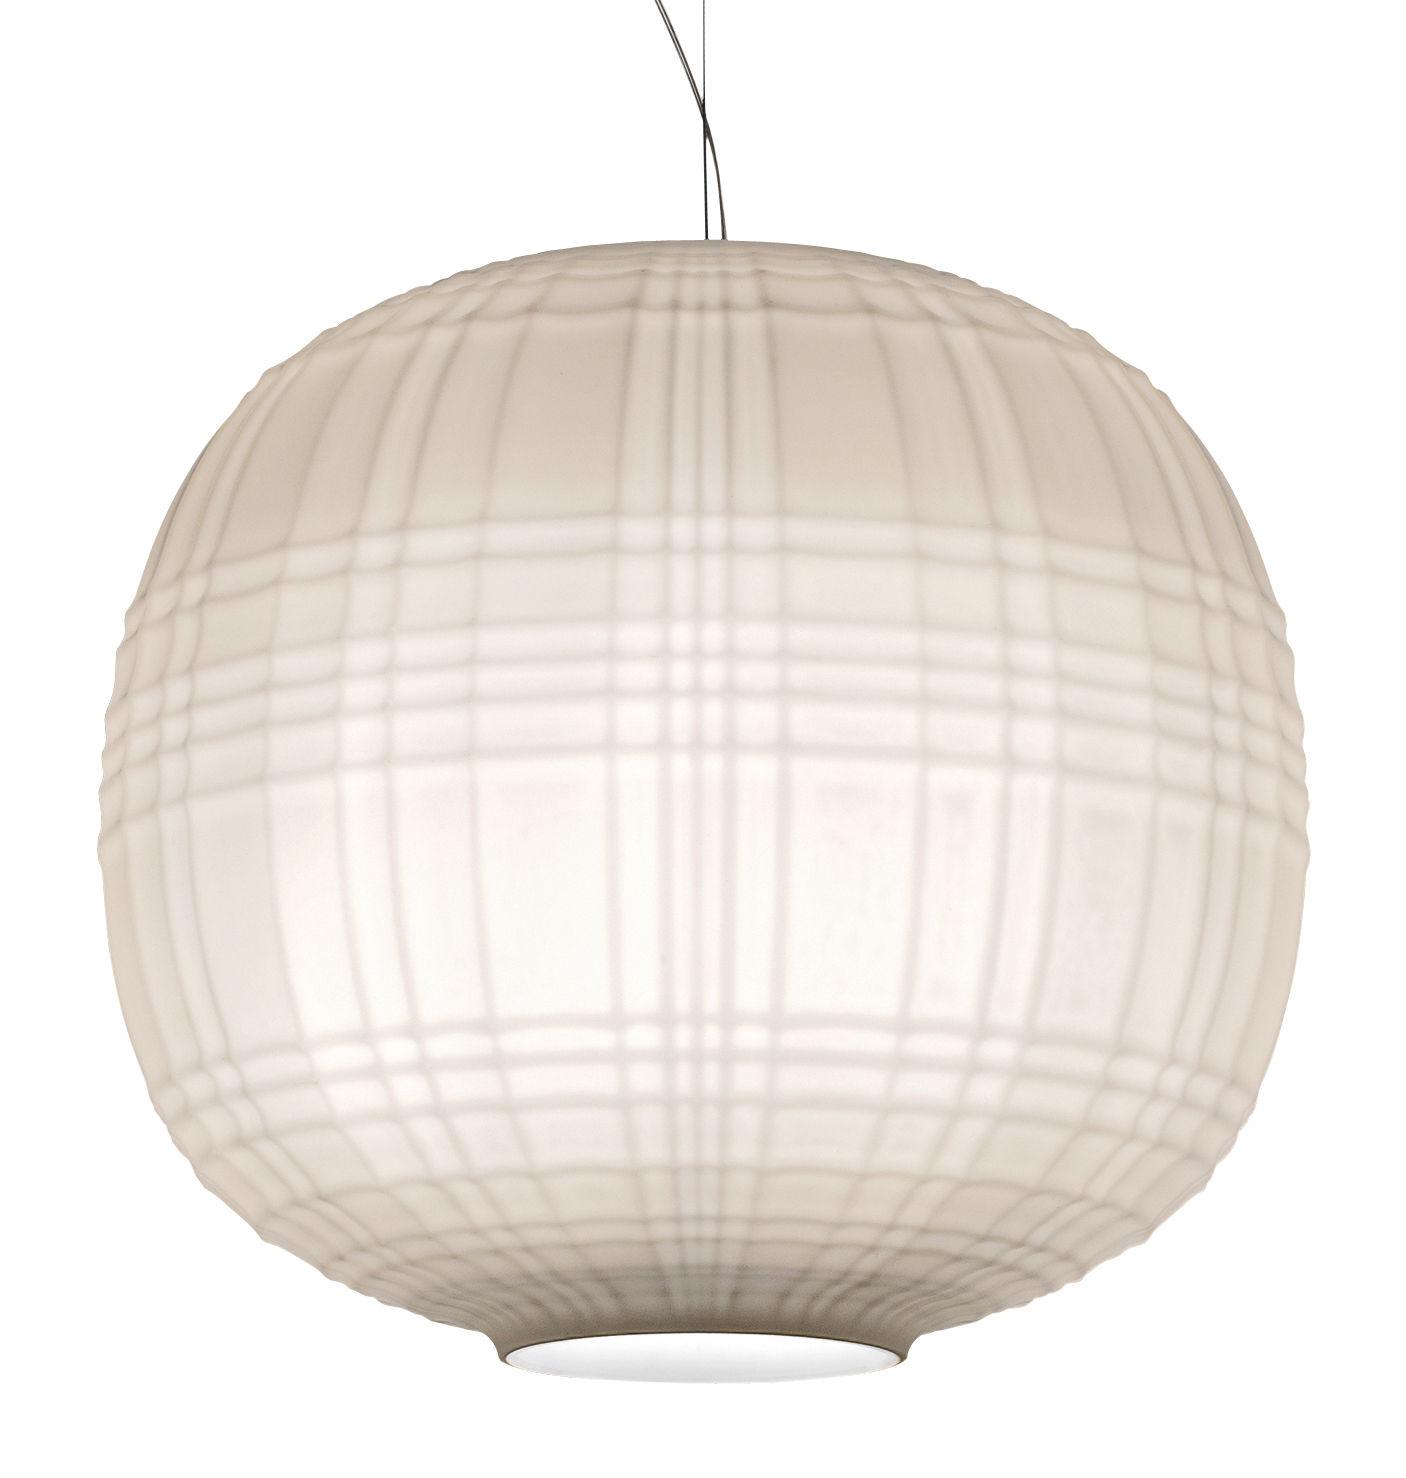 Illuminazione - Lampadari - Sospensione Tartan / Ø 35 cm - Foscarini - Bianco - Vetro soffiato in rilievo e acidato